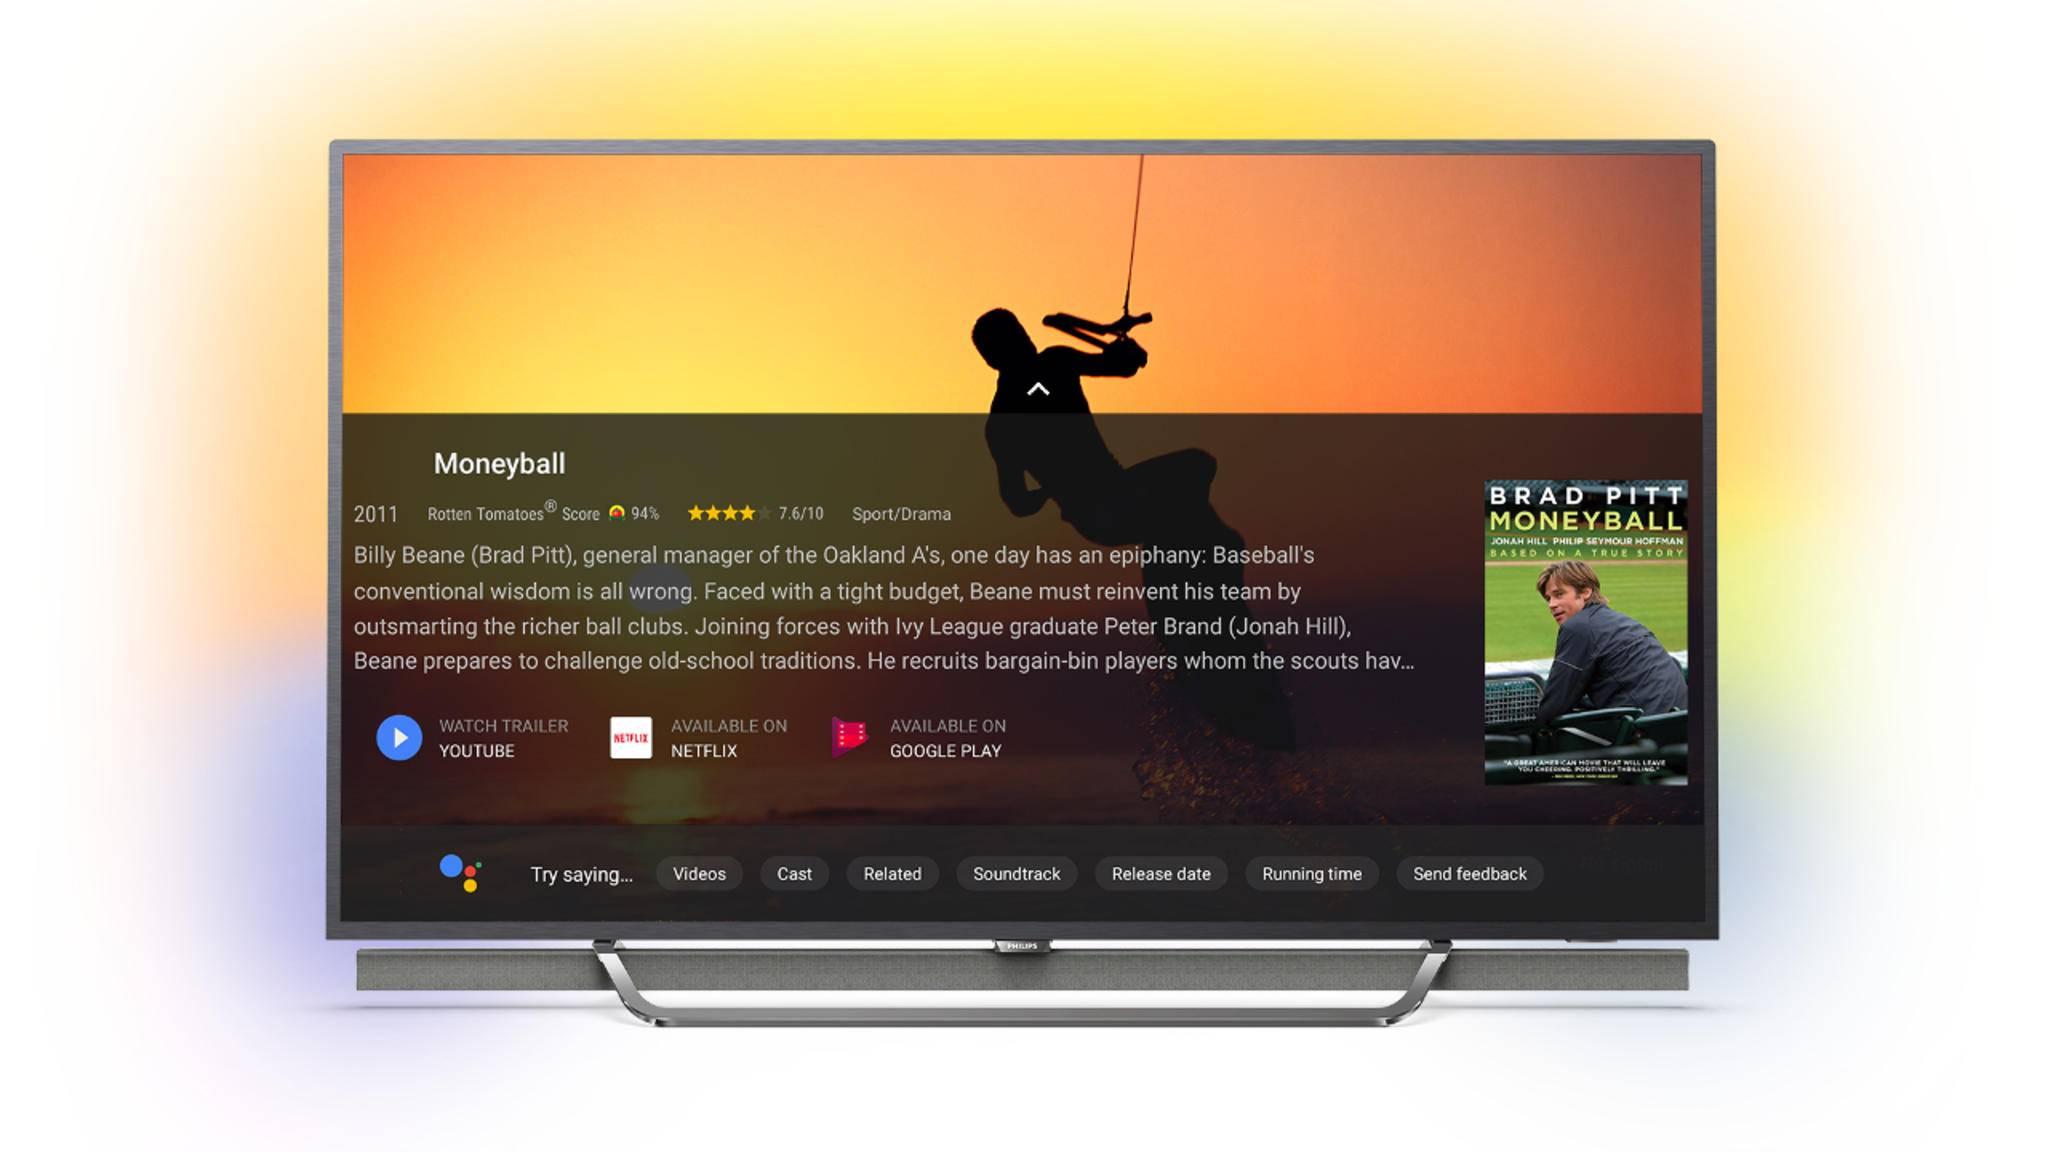 Mit dem Google Assistant kann man ganz einfach einen gewünschten Streaming-Film finden.